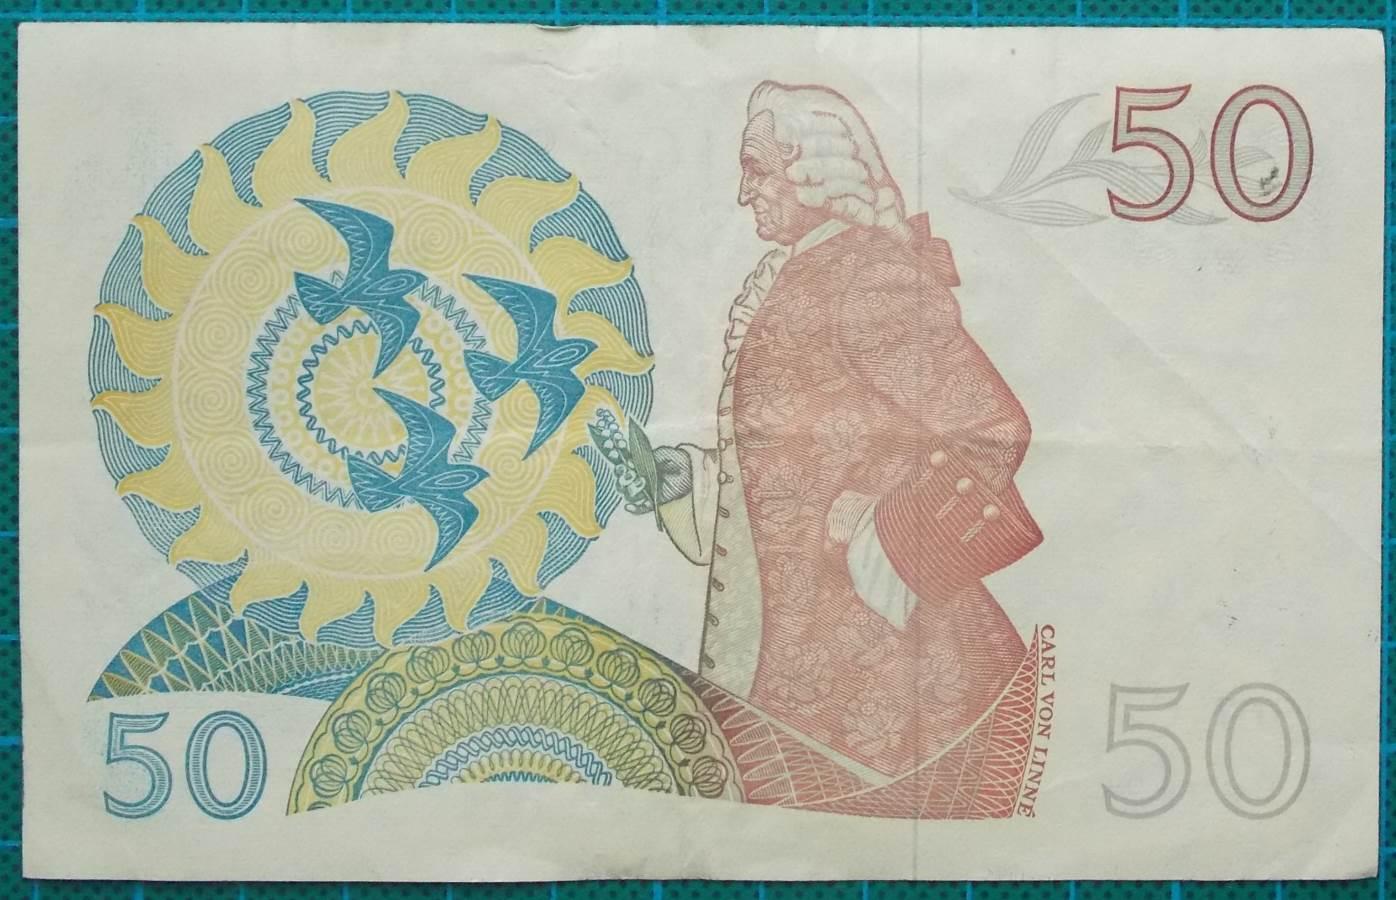 1967 Sweden Sveriges Riksbank 50 Kronor B629428